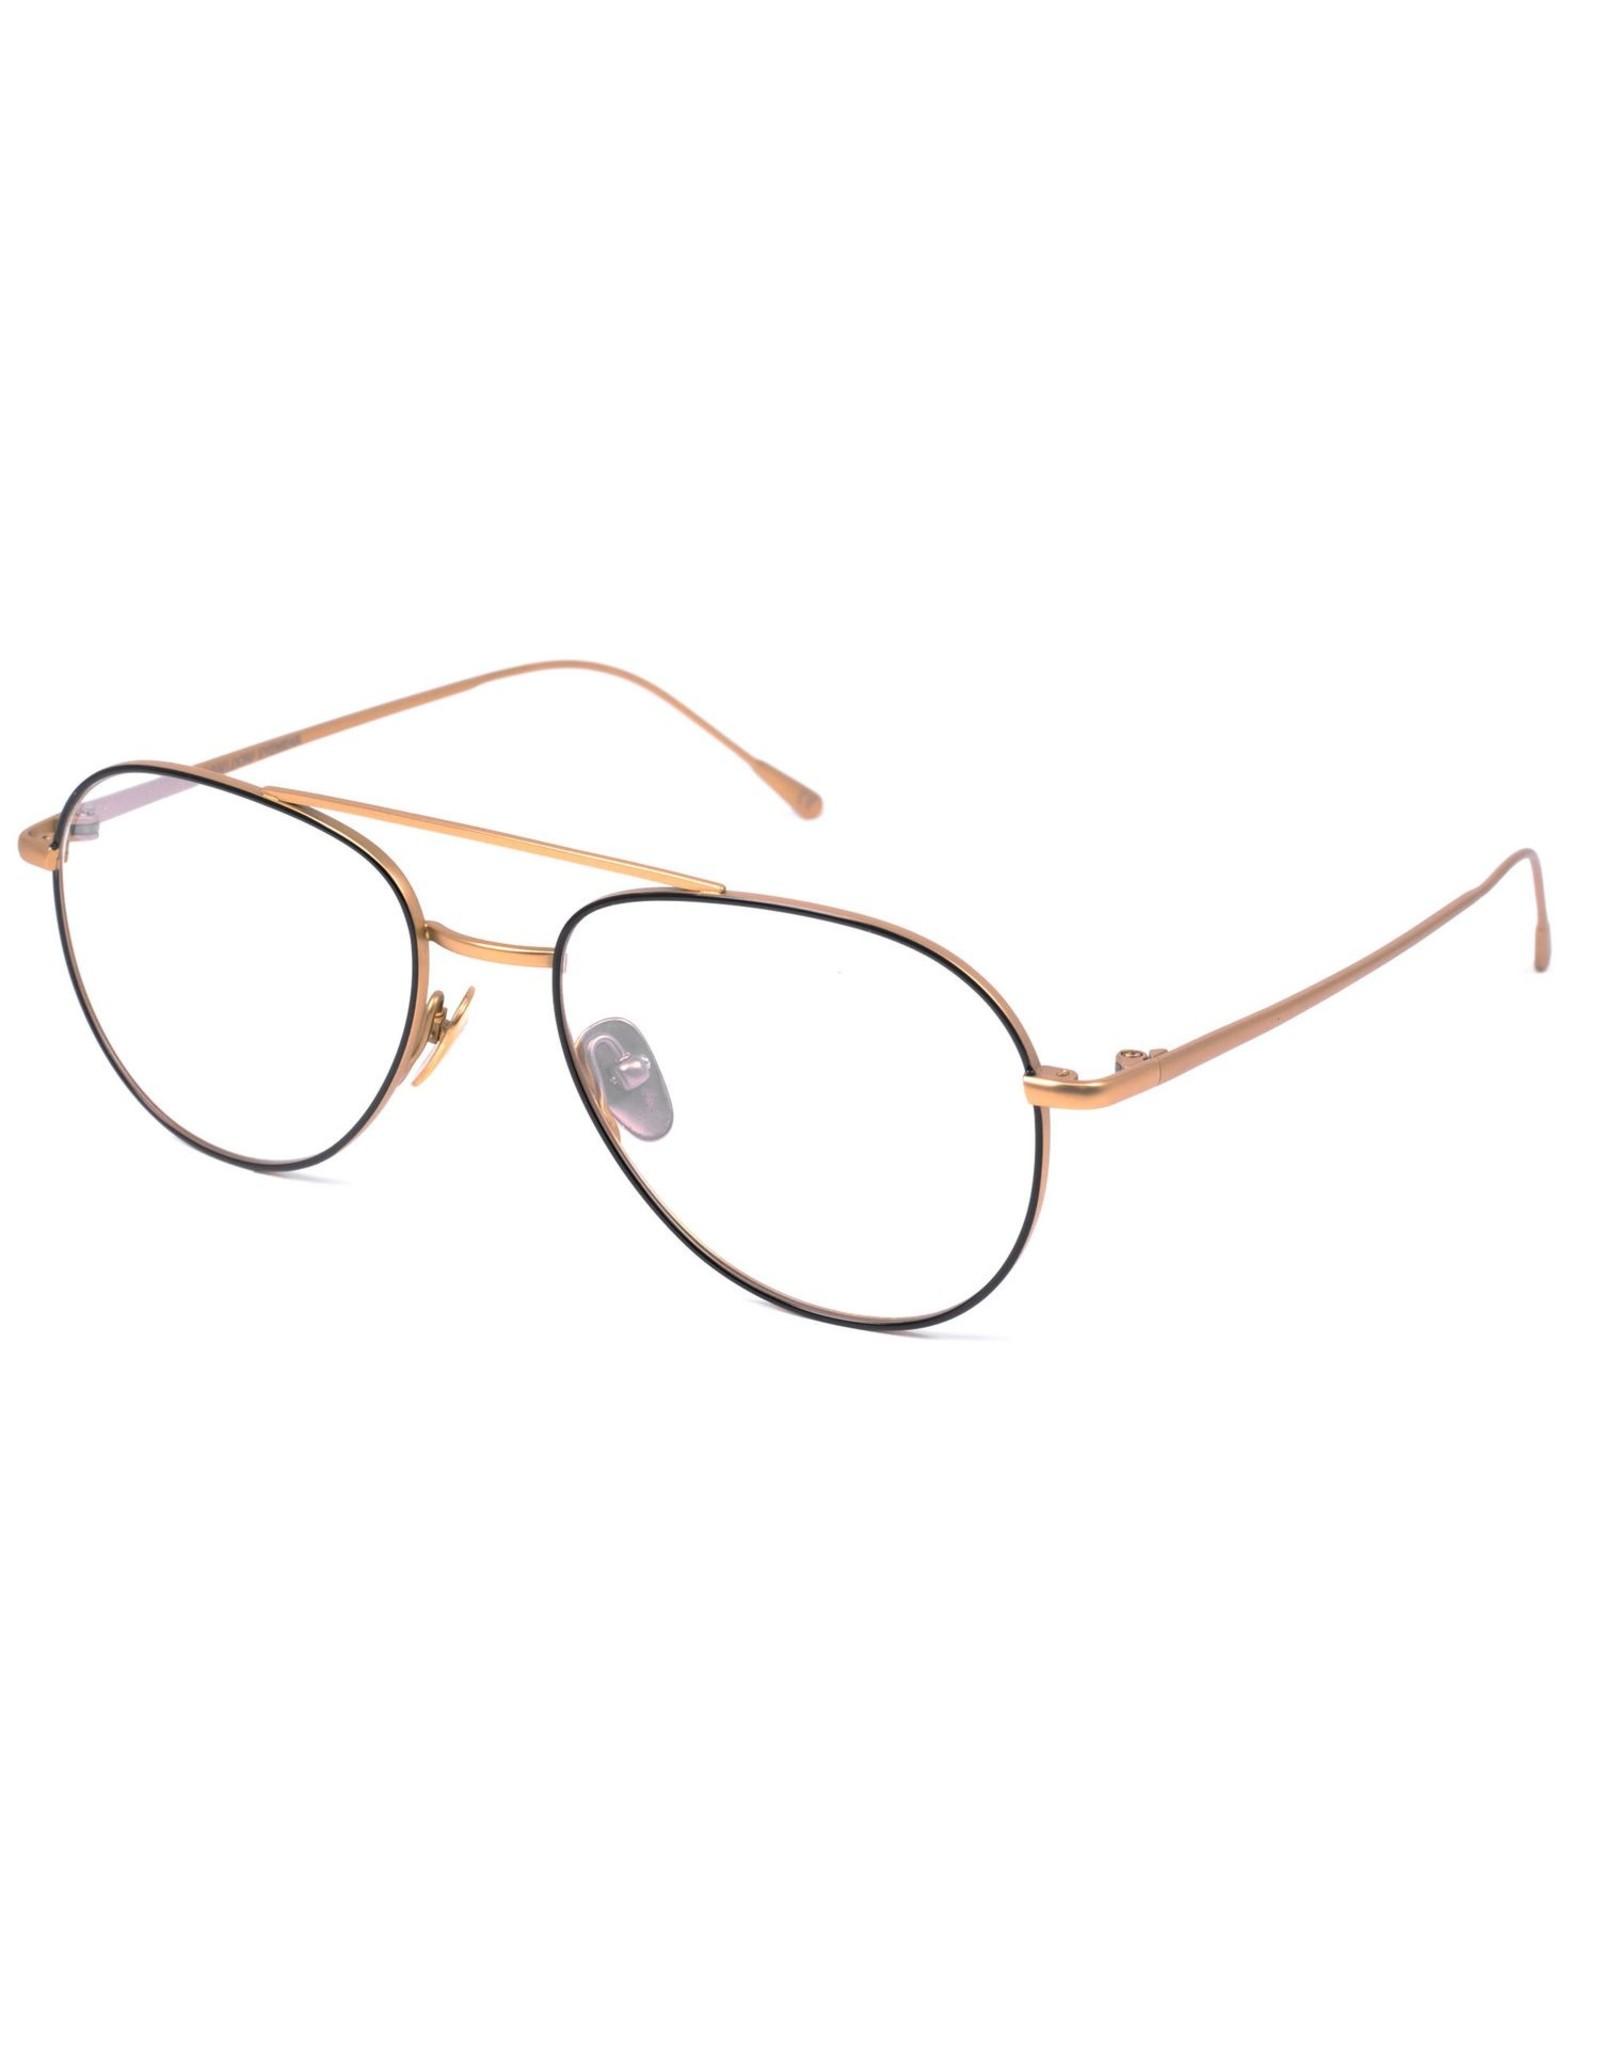 Dusselorf Eyewear Dusseldorf Eyewear Angermund gold